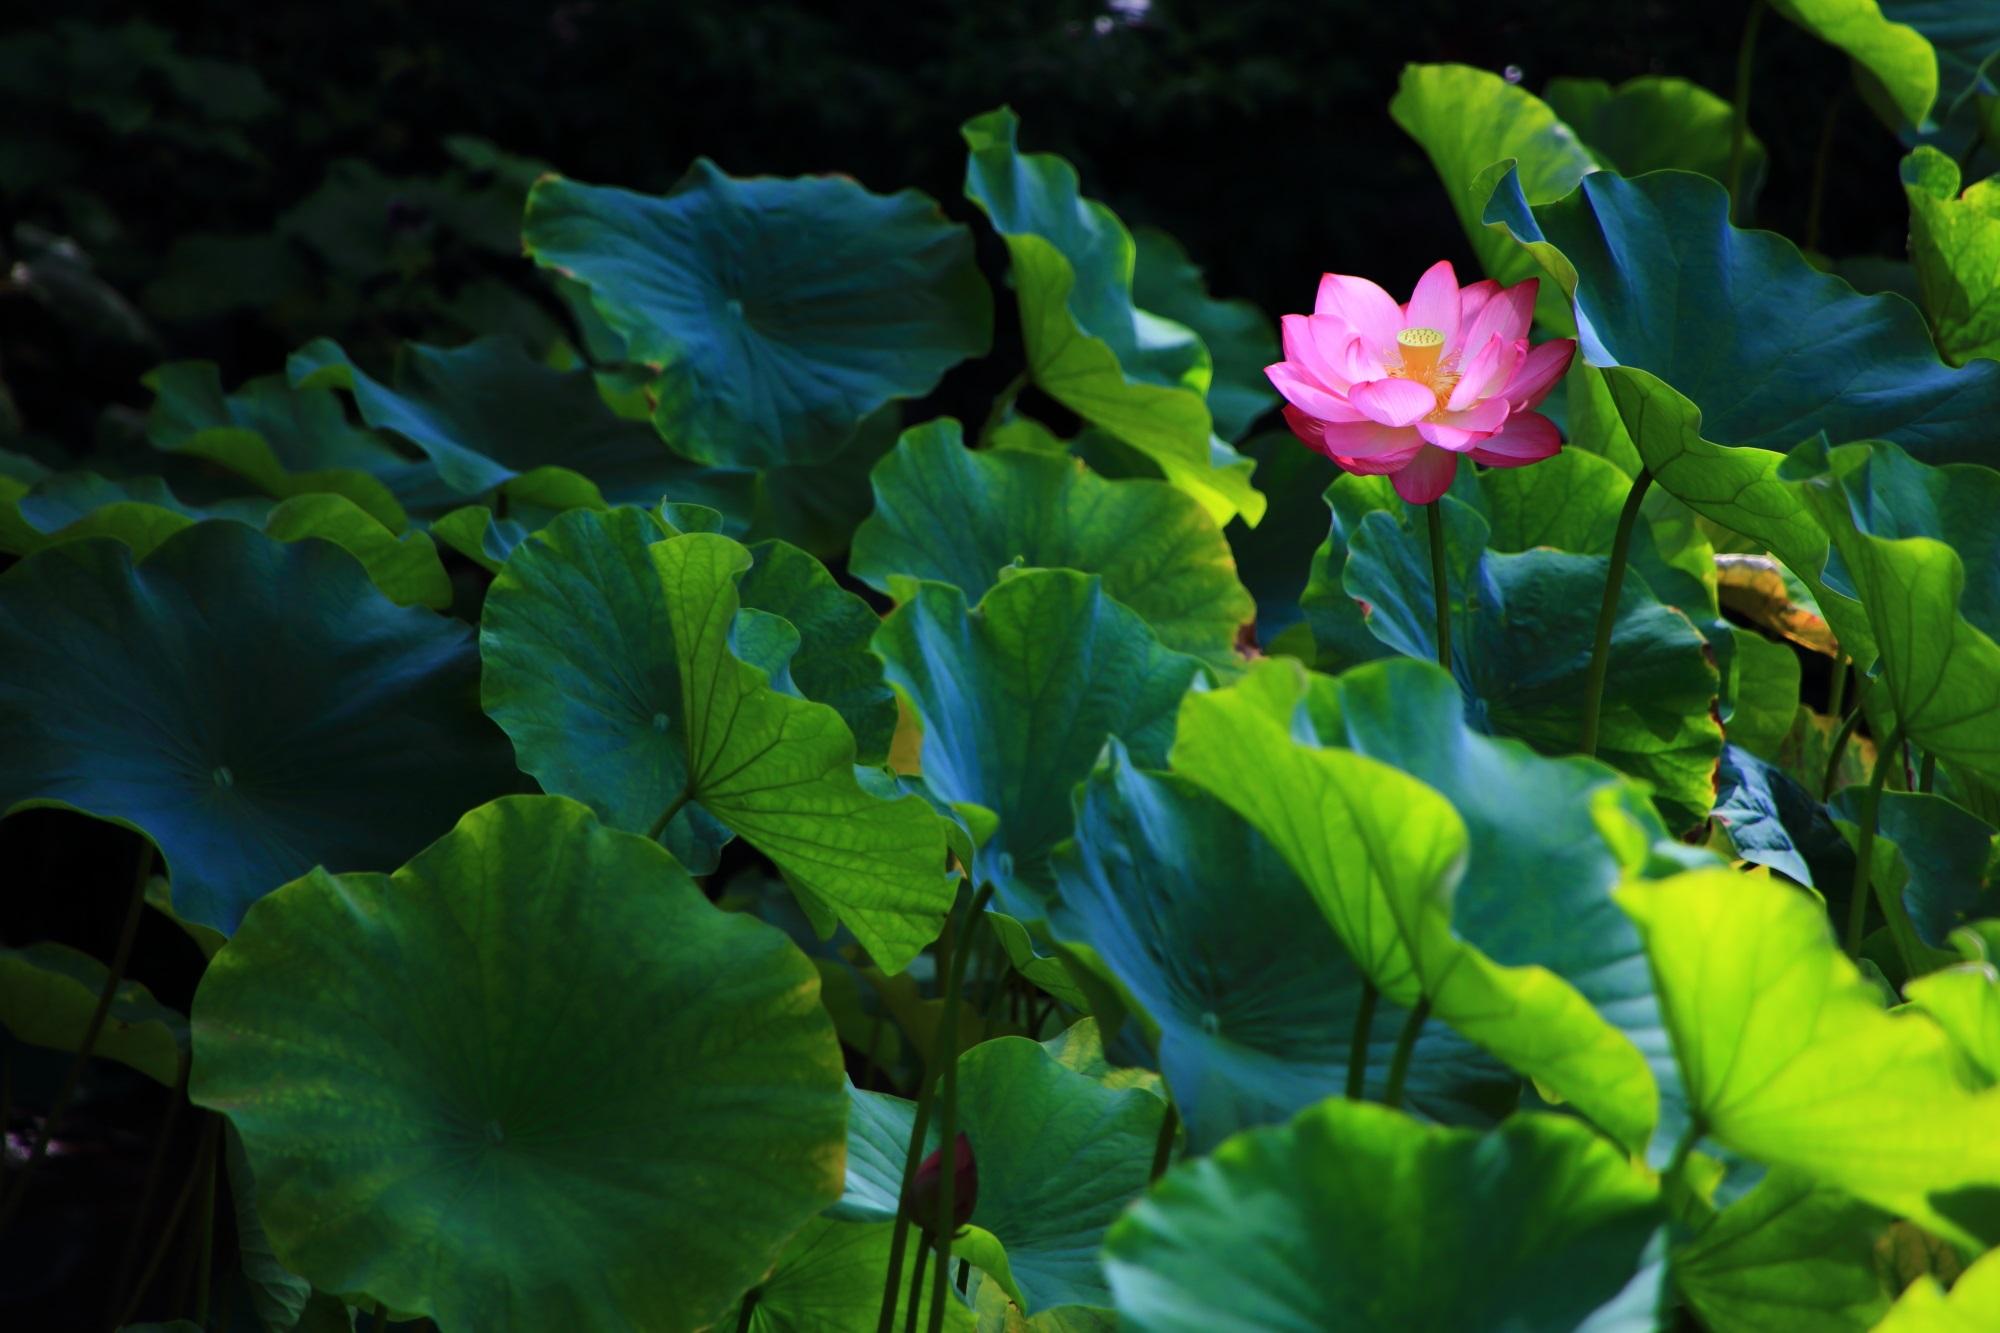 緑の葉の上で揺らめく萬福寺の華やかな蓮の花